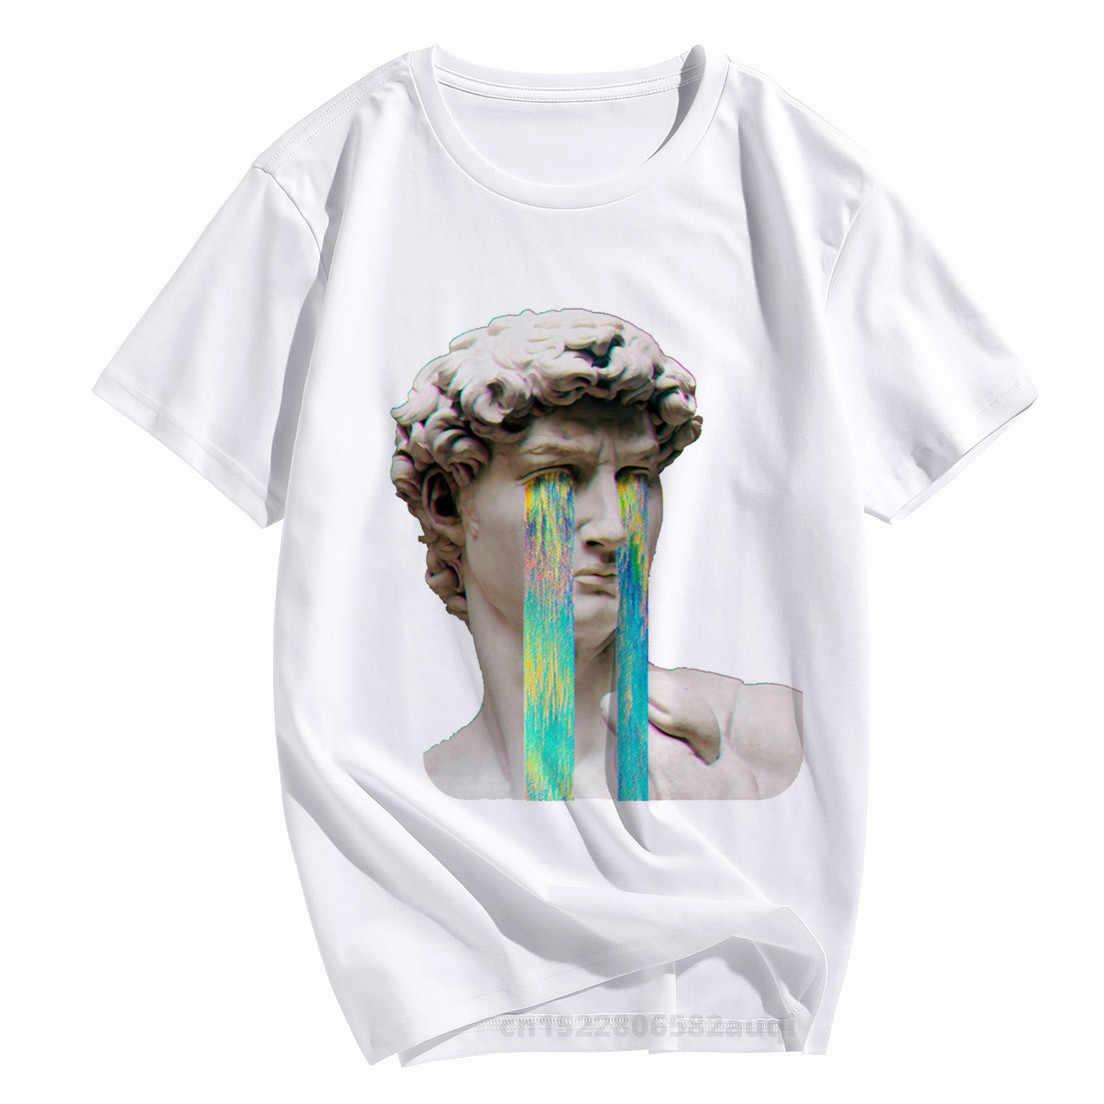 Femmes Vaporwave David Harajuk T-shirt 2020 été triste fille rétro Anime T-shirt garçon japonais esthétique haut T-shirt femmes vêtements